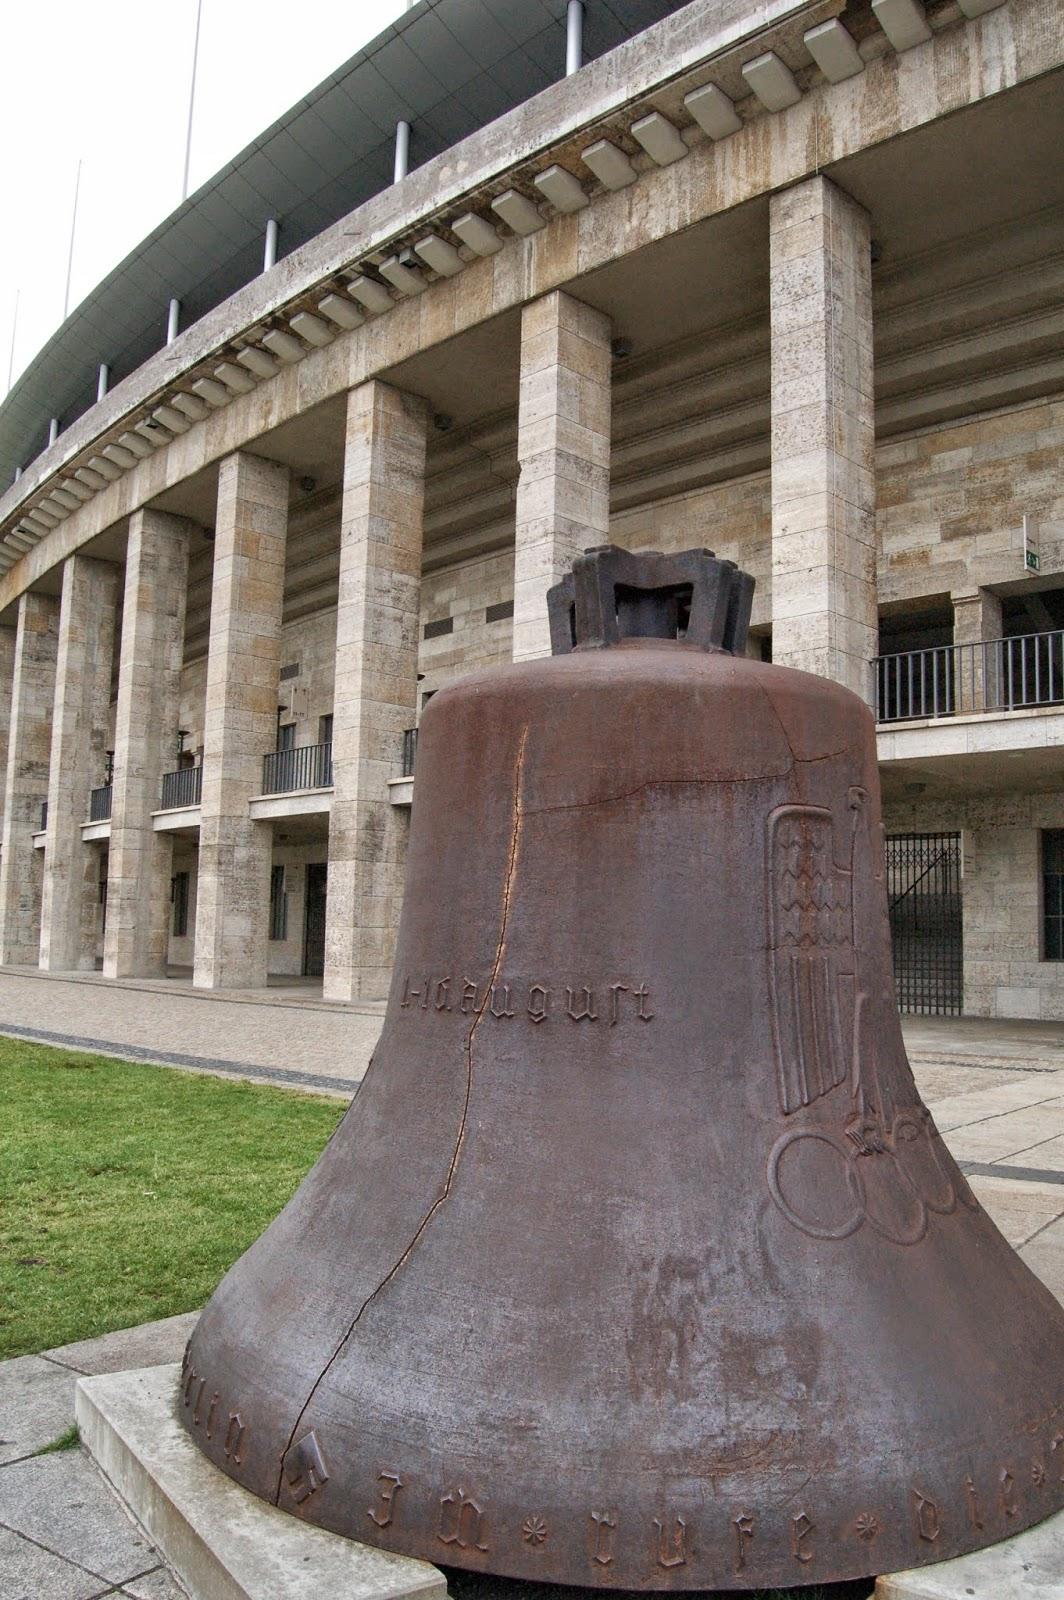 Stadion olimpijski w Berlinie, Olympiastadion, dzwon